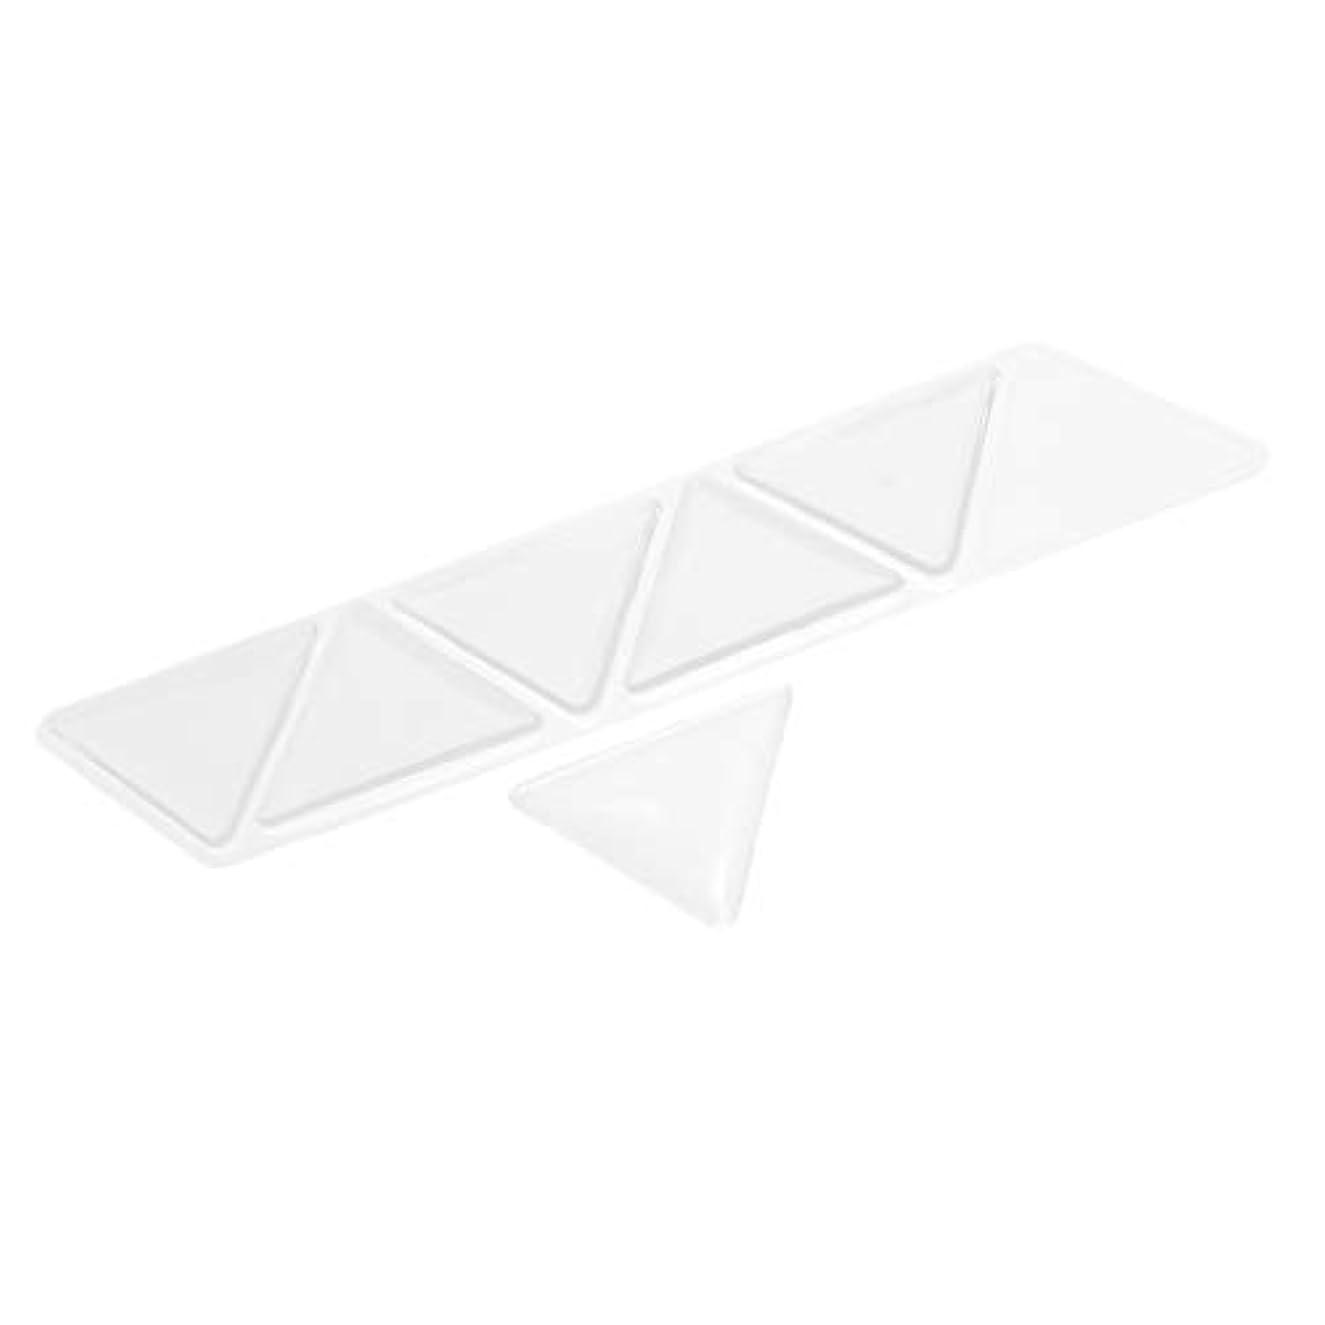 削除する空いている締め切りsharprepublic 額パッド シリコン 反しわ パッチスキンケア スキンケアパッド 再利用可能な 6個セット